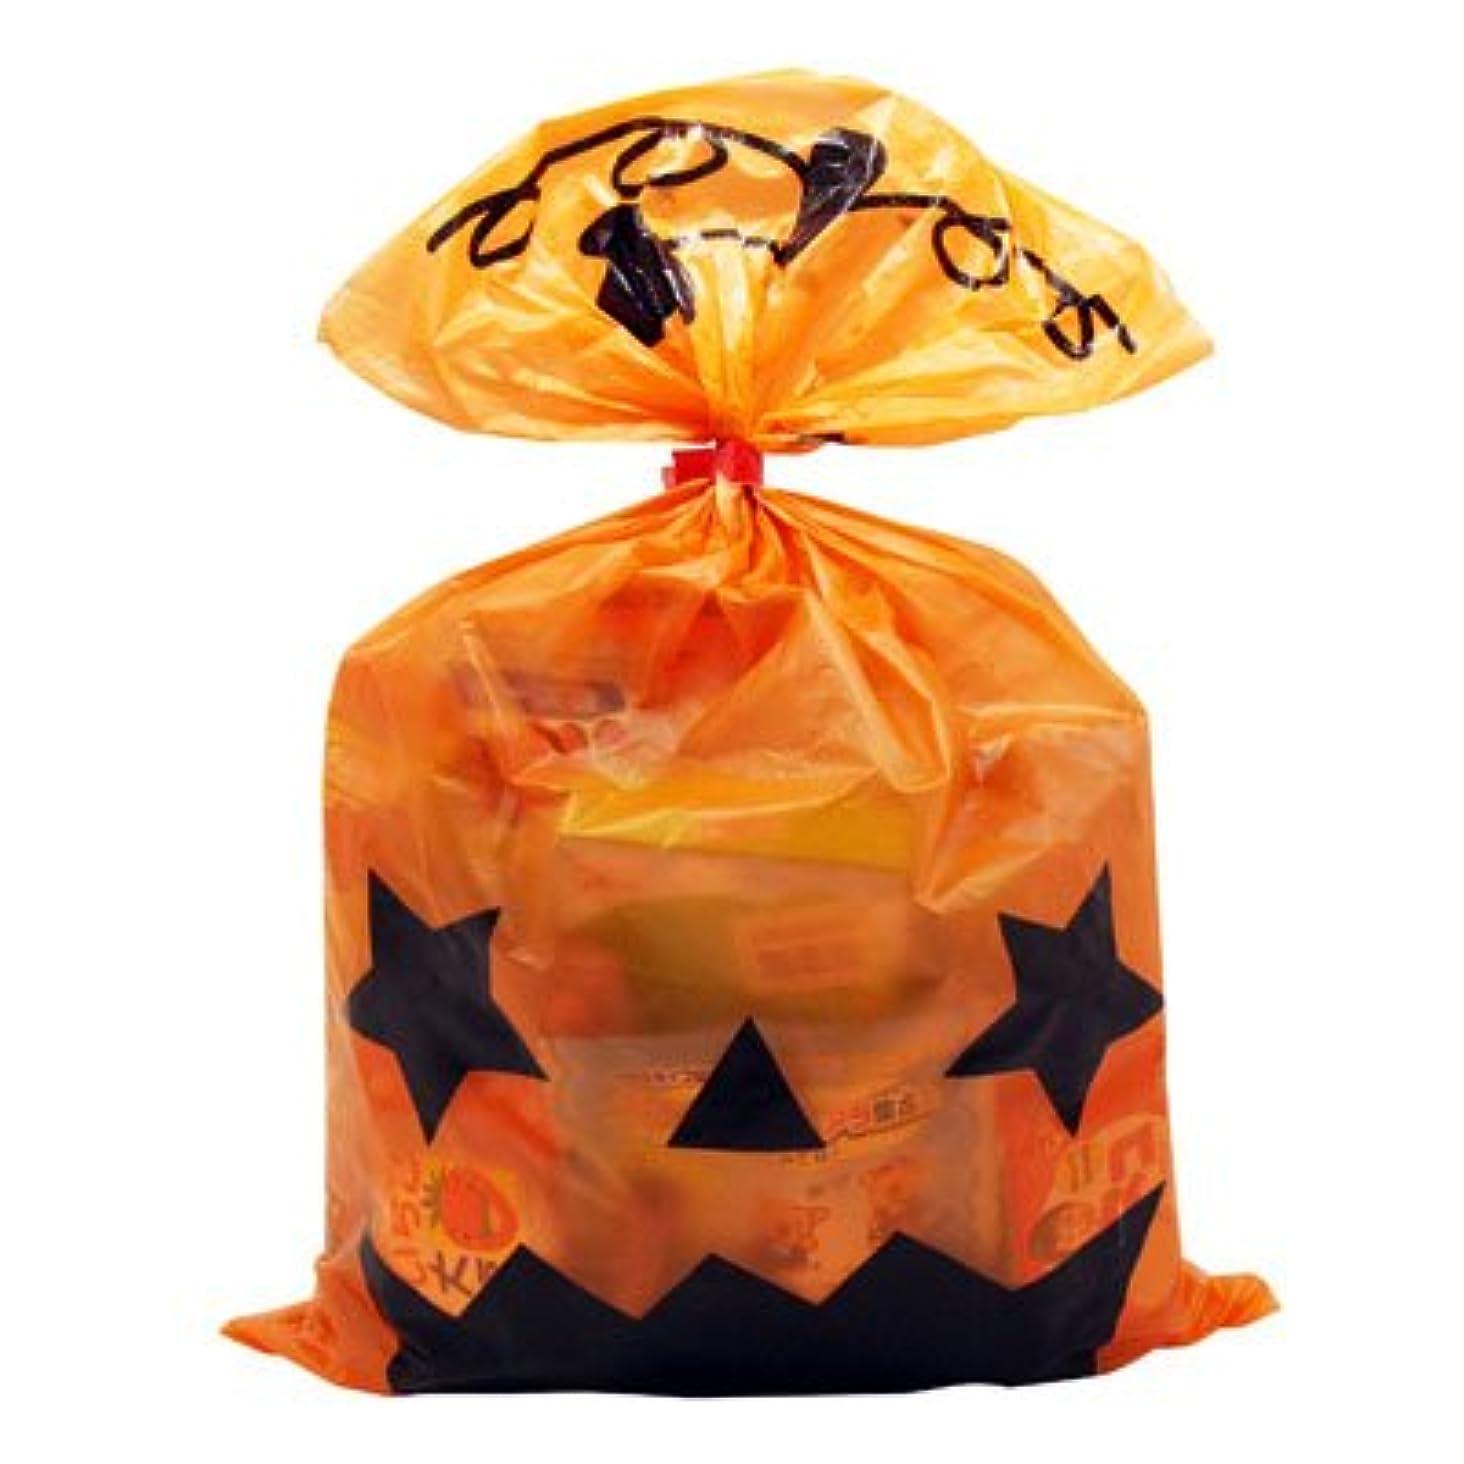 寛容ラボ無限大ハロウィン袋 480円 お菓子 詰め合わせ (Bセット) 駄菓子 袋詰め おかしのマーチ